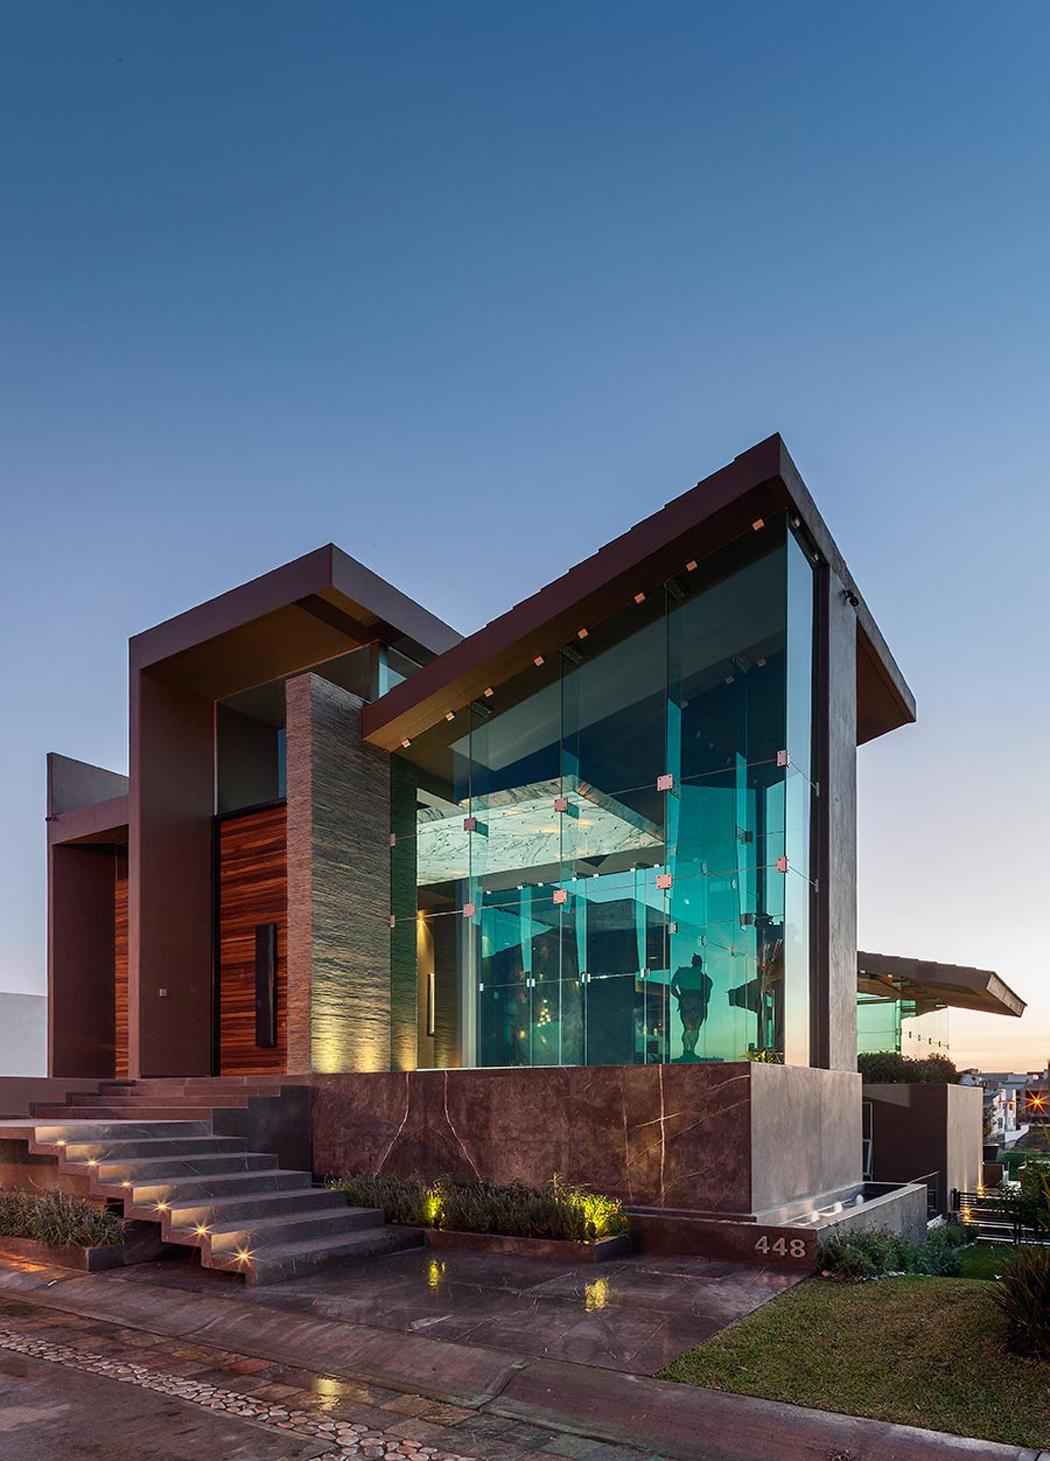 Maison contemporaine de ville situ e au c ur du mexique - Architecture contemporaine residence parks ...